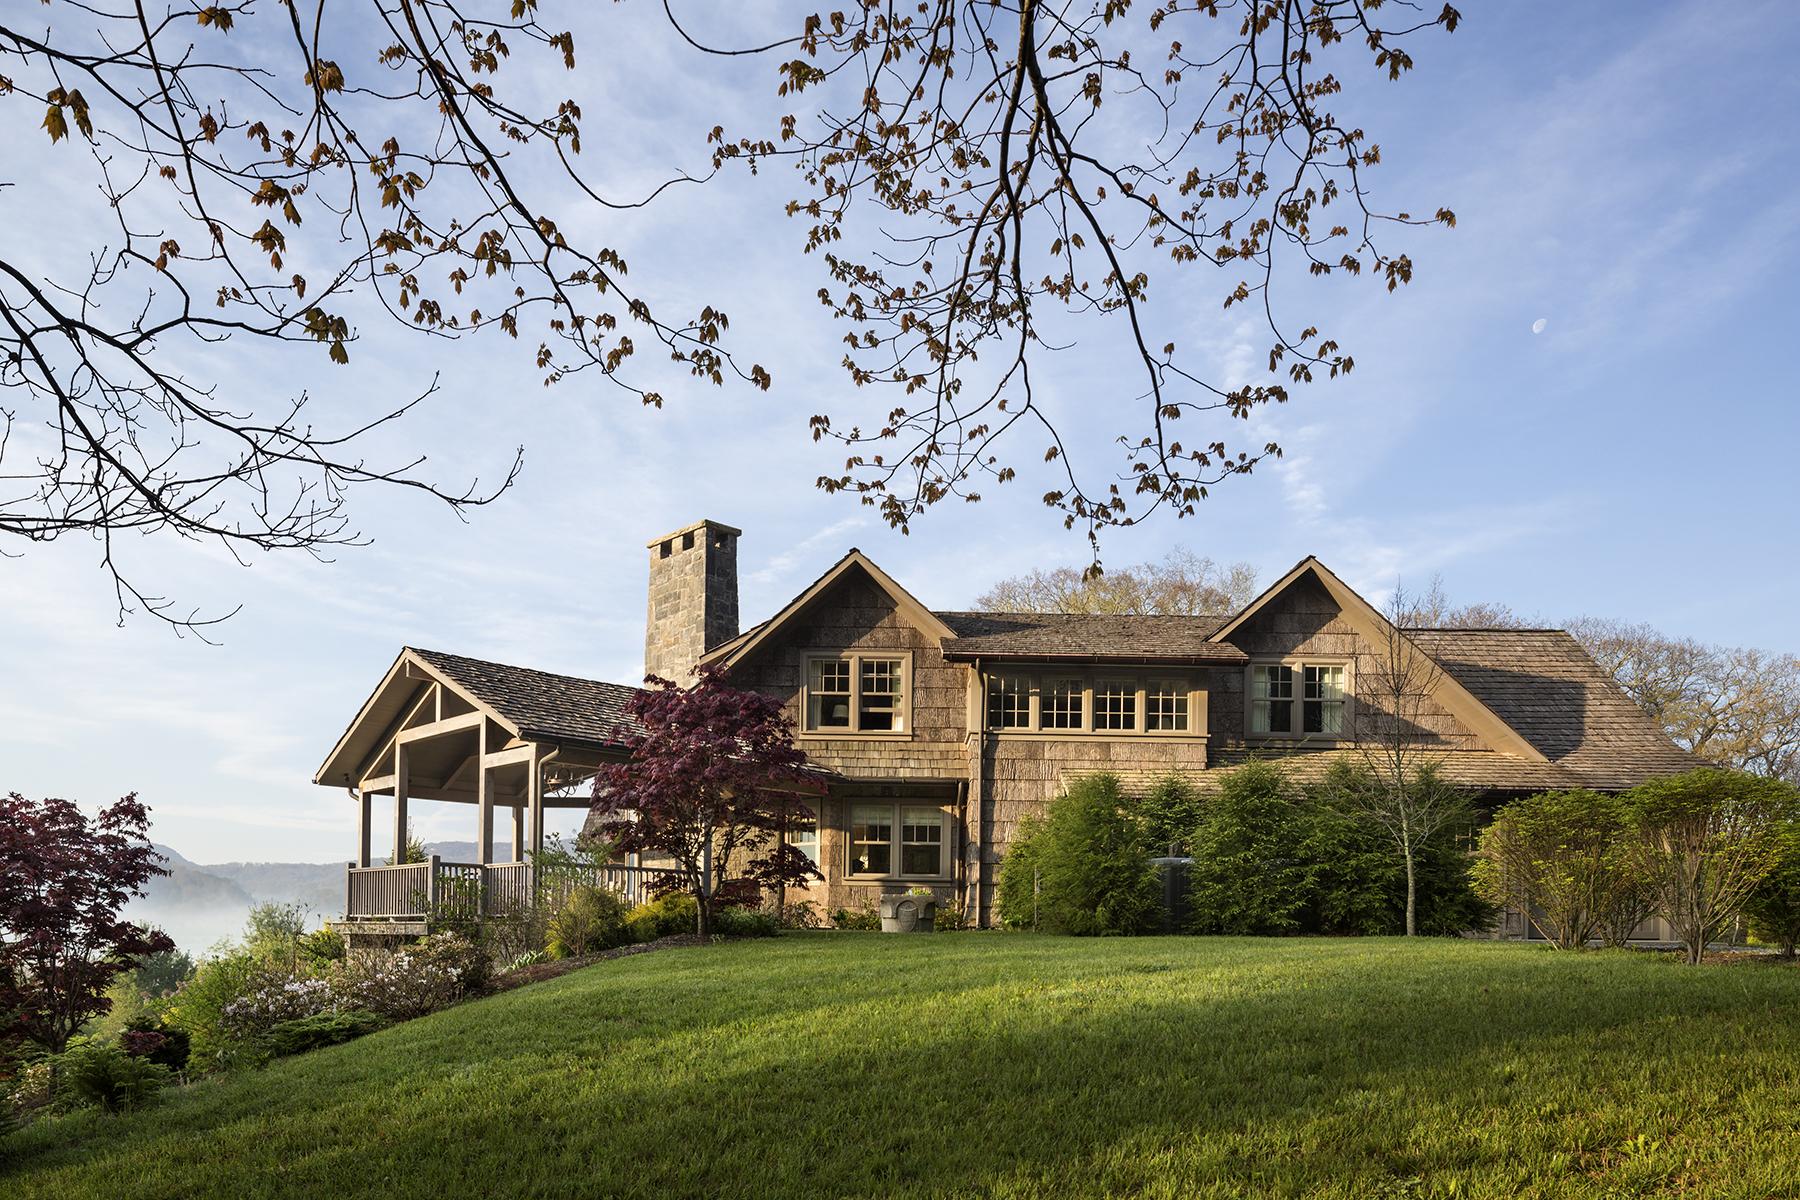 Single Family Homes for Sale at THE FARM AT BANNER ELK - BANNER ELK 35 Hanging Rock Knoll Pl Banner Elk, North Carolina 28604 United States